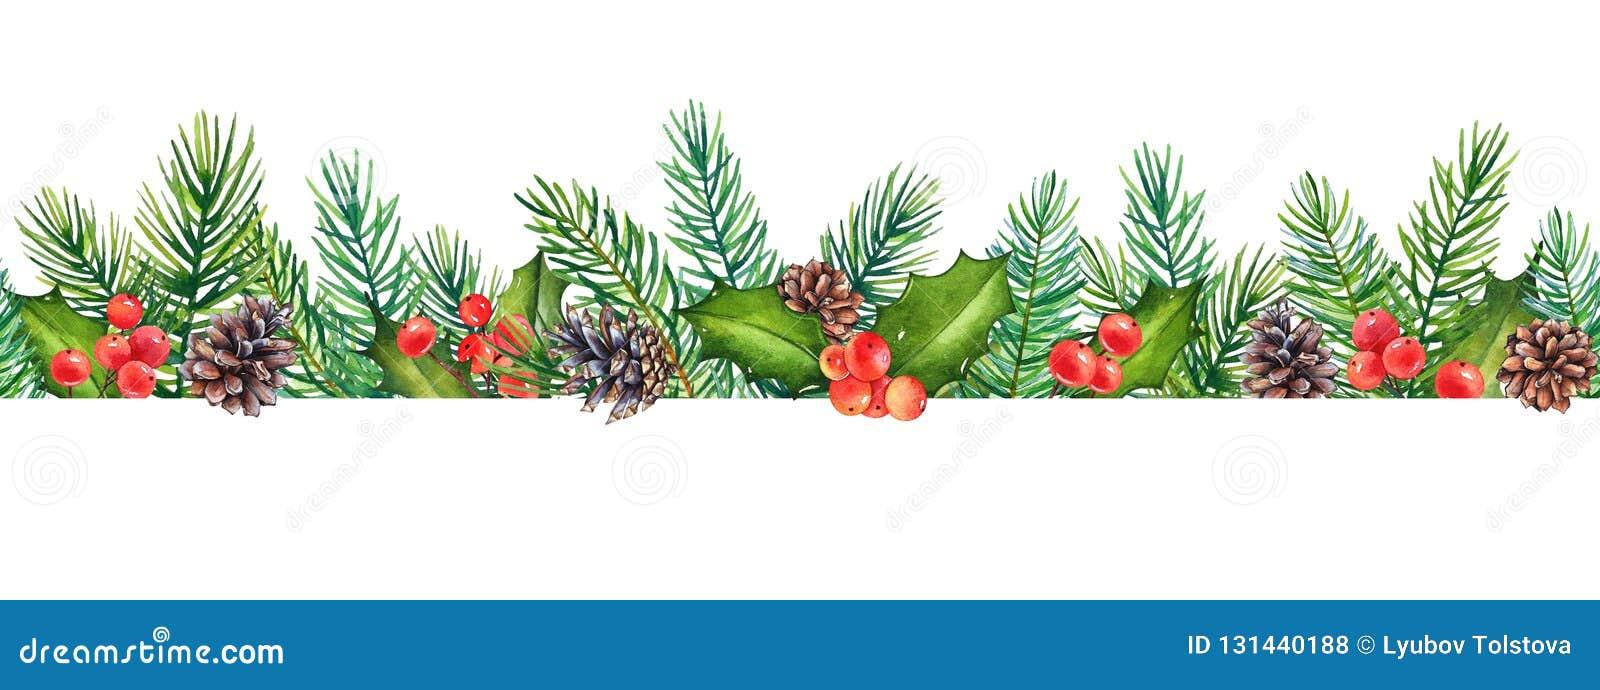 Sömlös modell, blom- beståndsdel för dekorativ jul med vattenfärgfilialer av järnek med bär och att sörja trädet med kottar